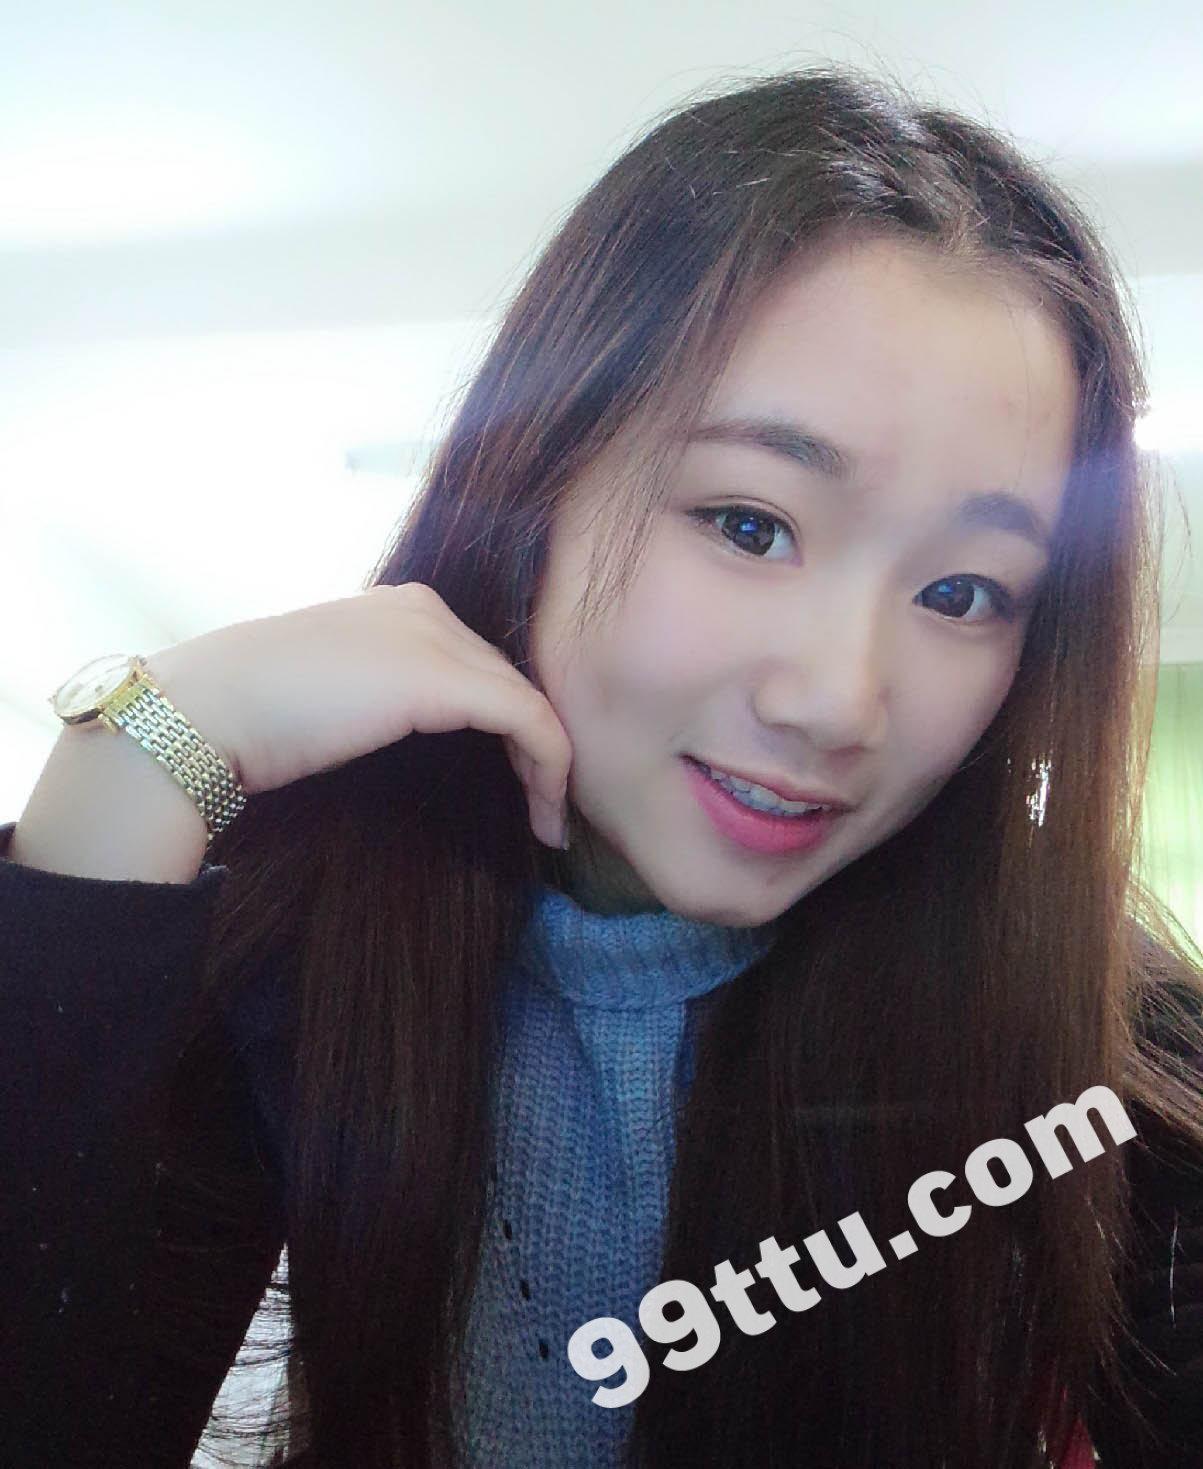 KK75_106张 超真实美女朋友圈生活照素材-9